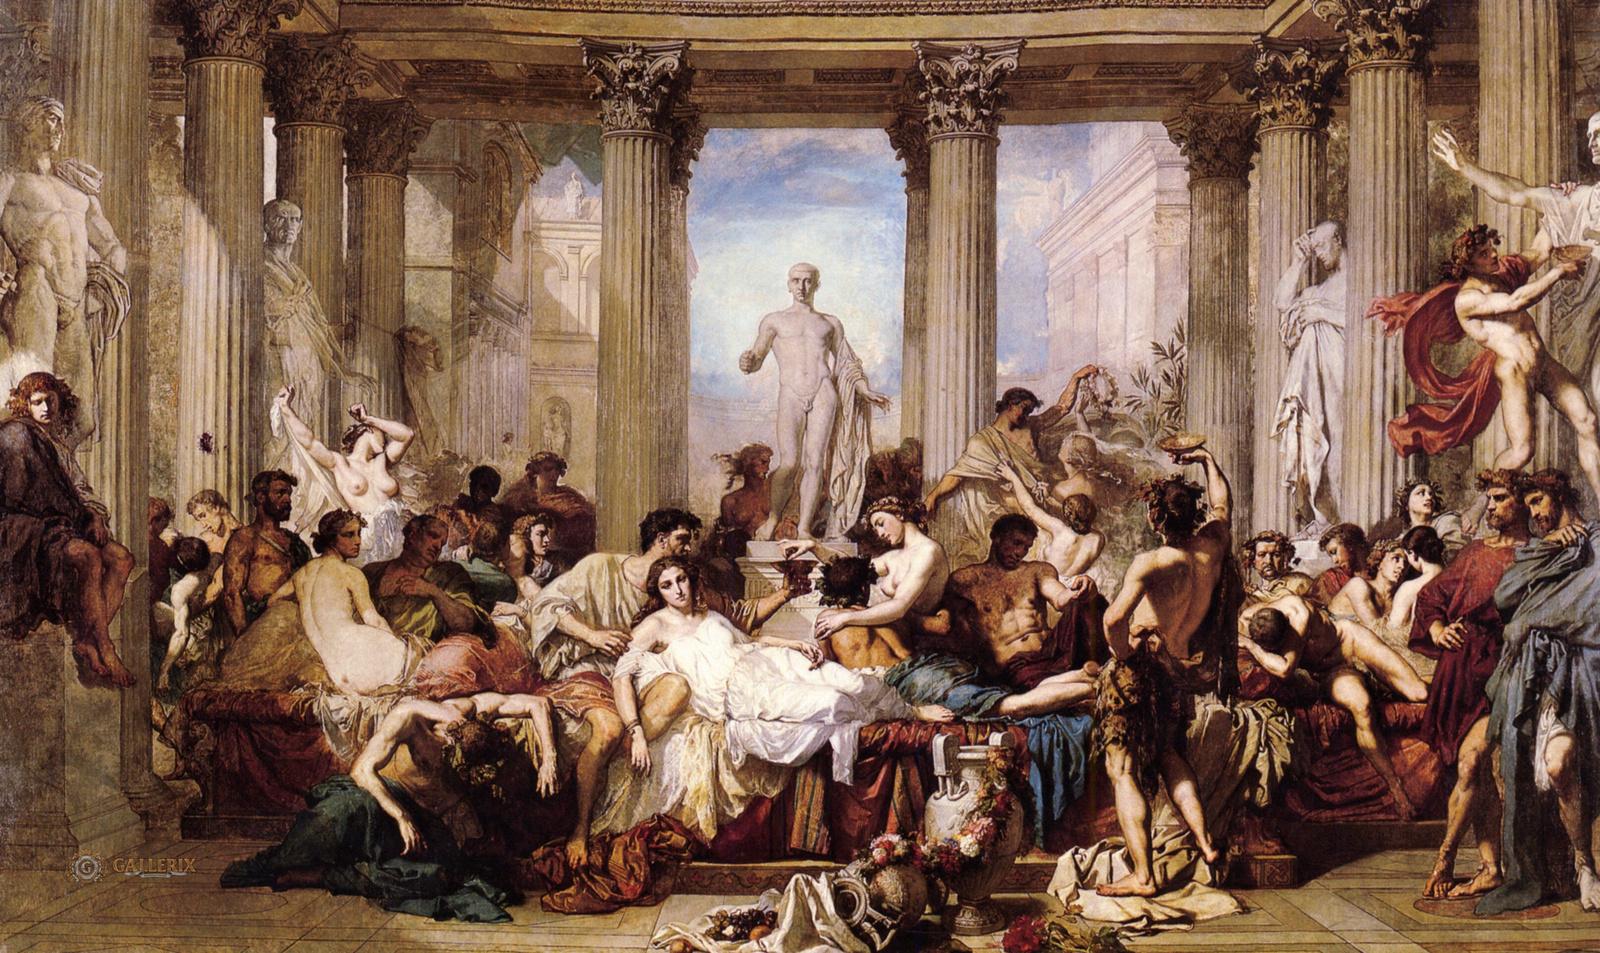 строительстве картинки римской эпохи кровати мягким